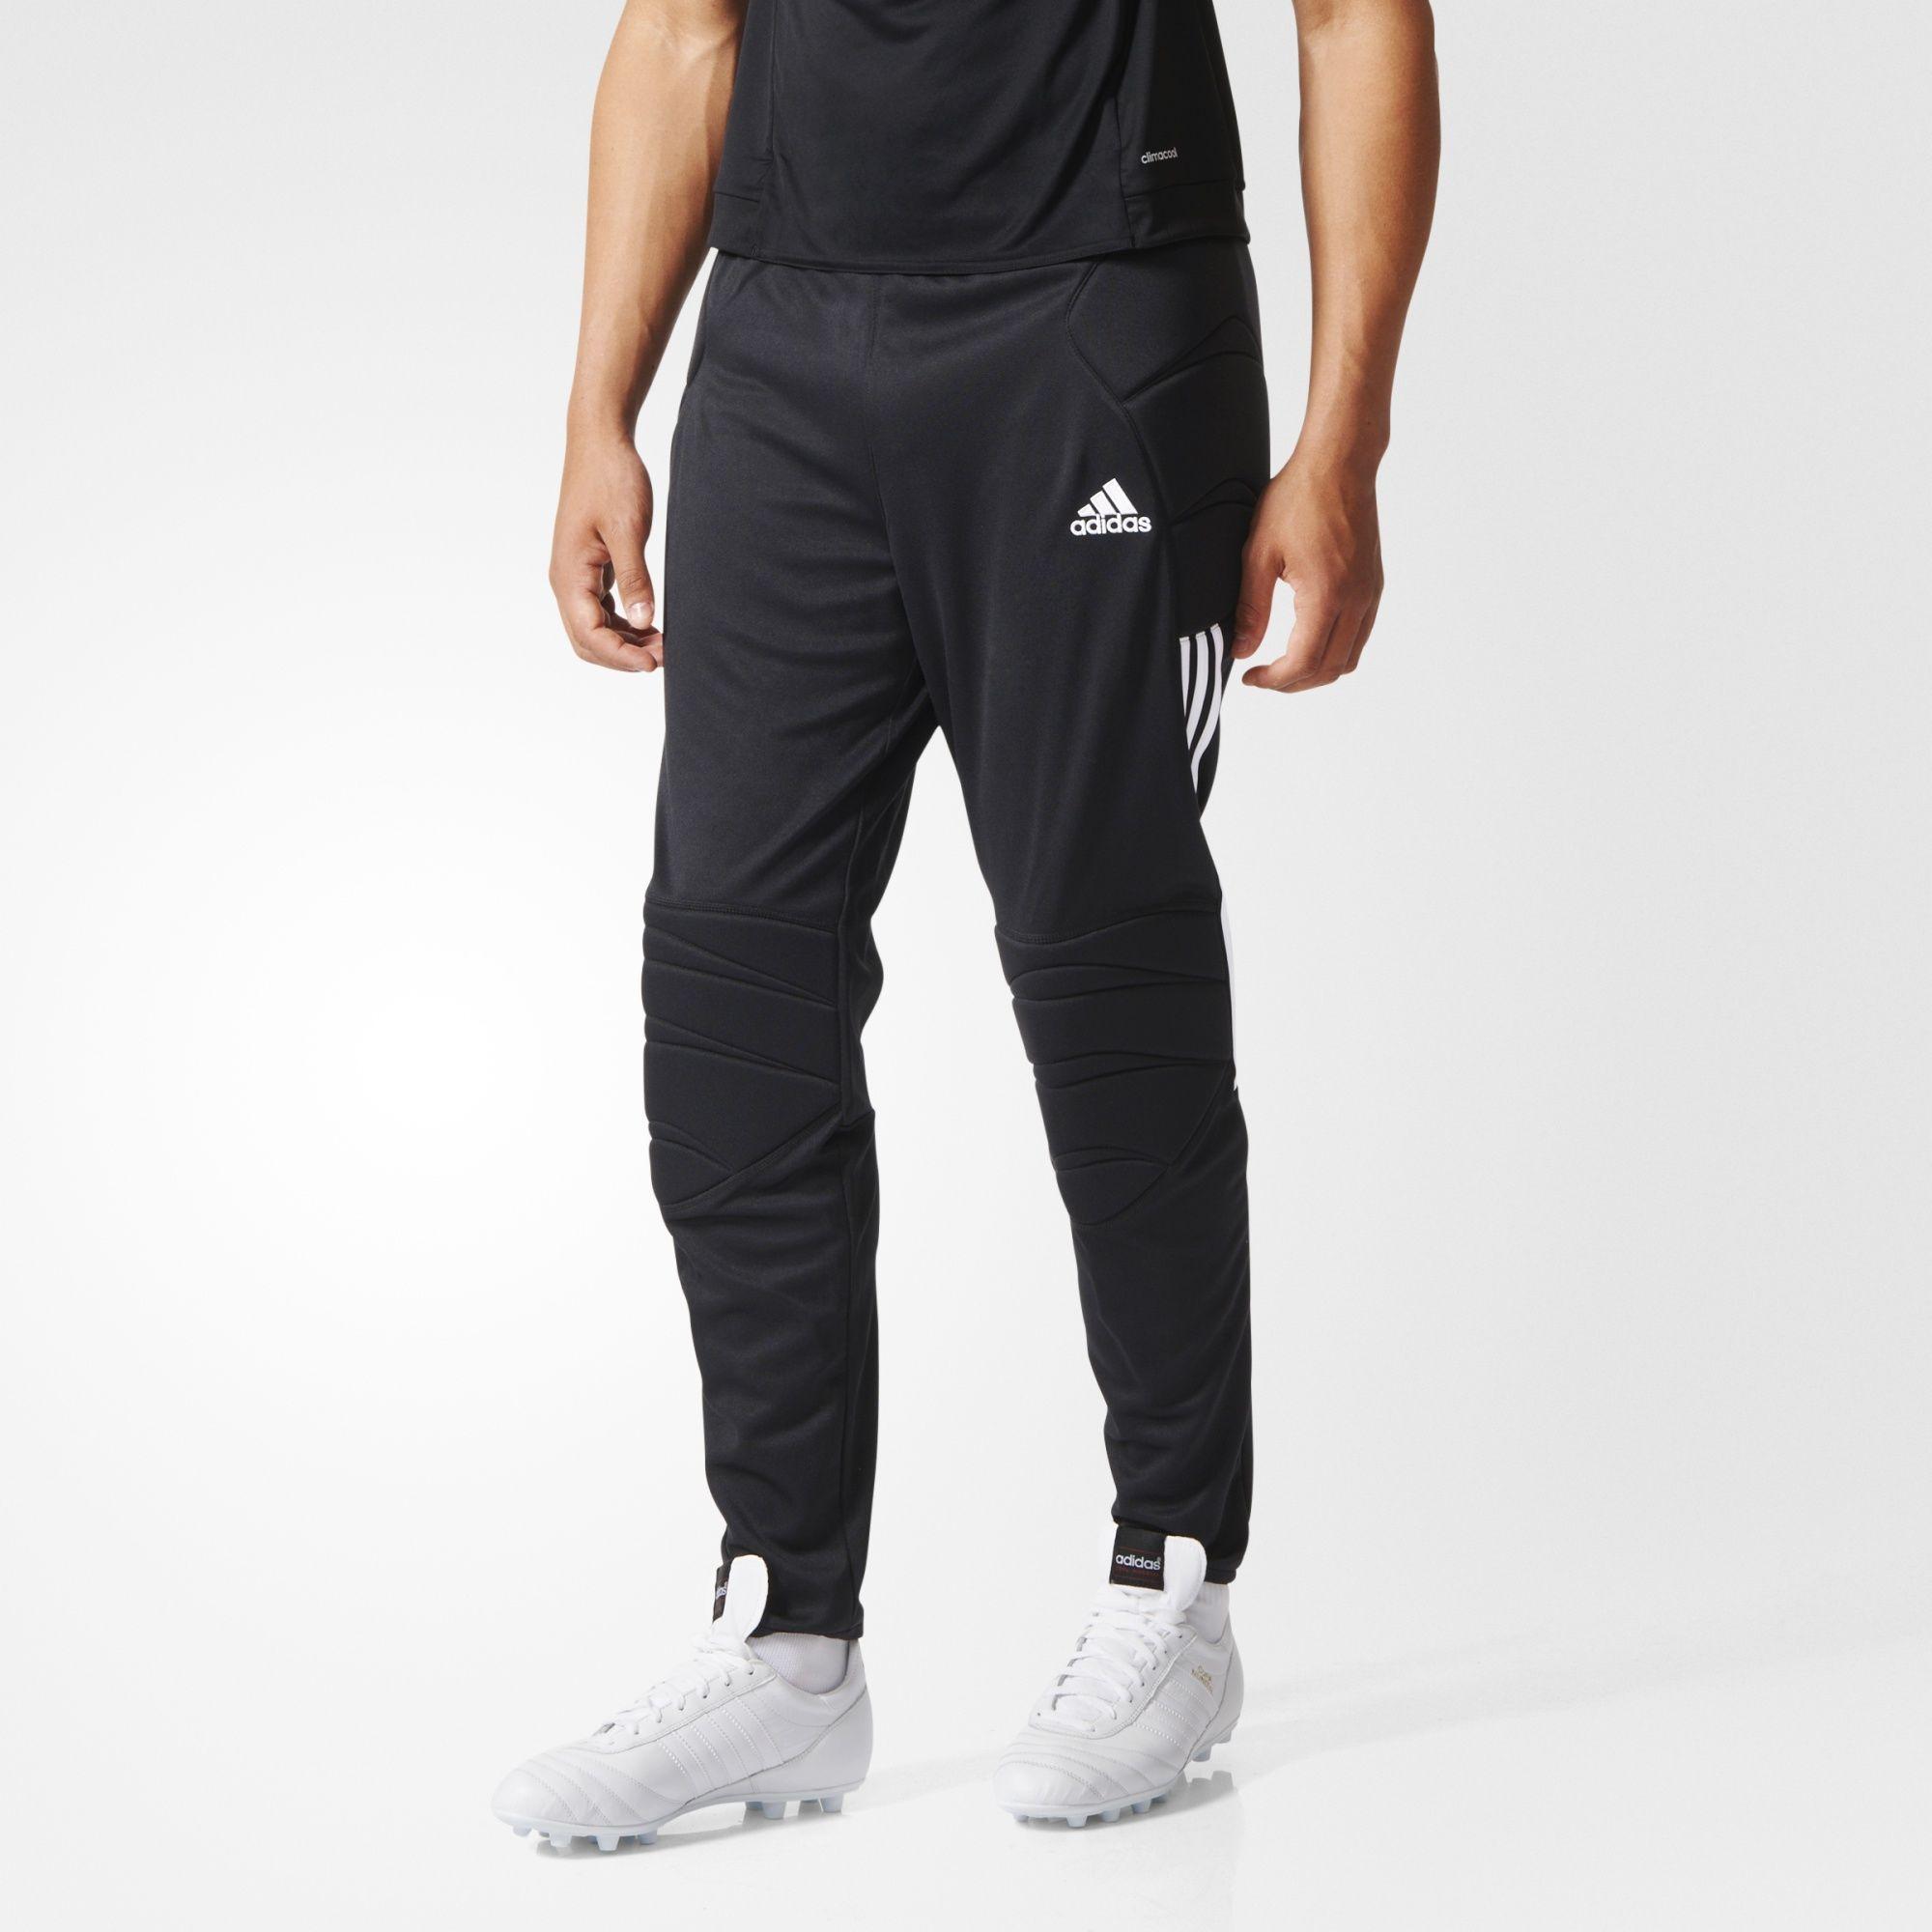 adidas Tierro 13 Goalkeeper Pants - Black   adidas US